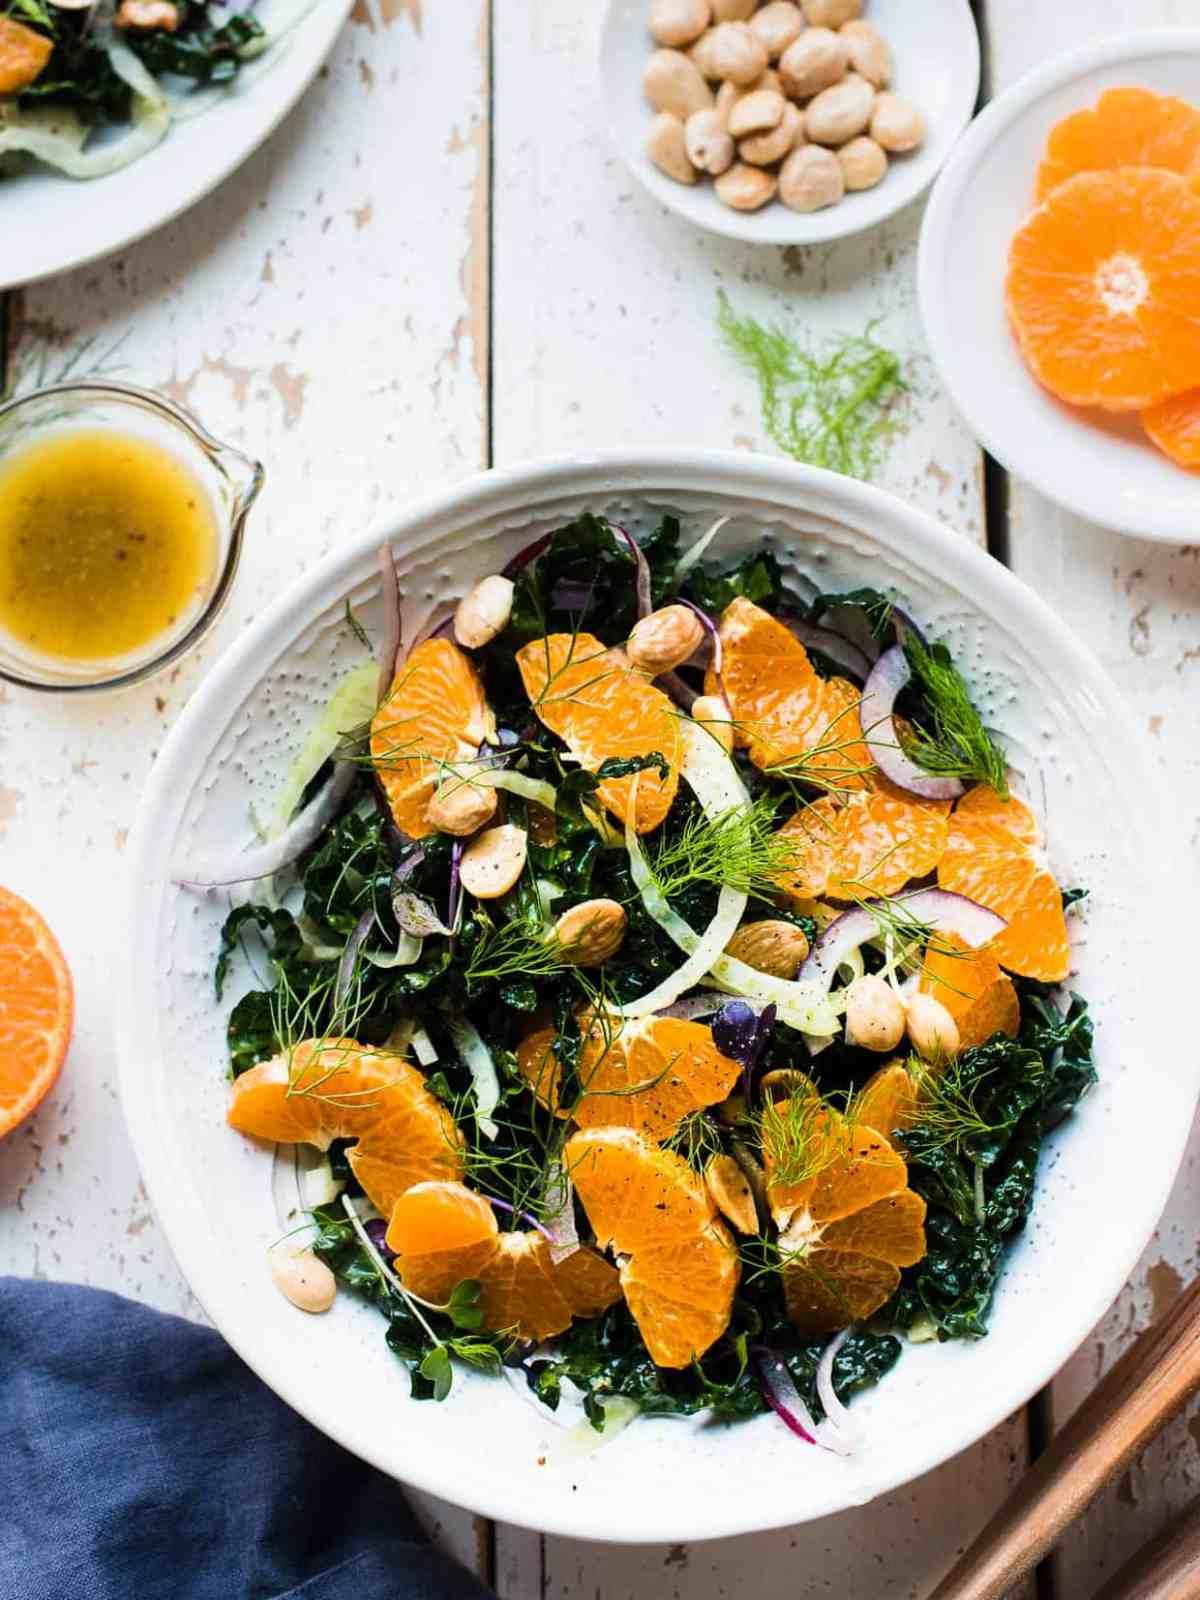 overhead shot of kale salad with mandarin oranges, fennel, marcona olives and orange vinaigrette on the side